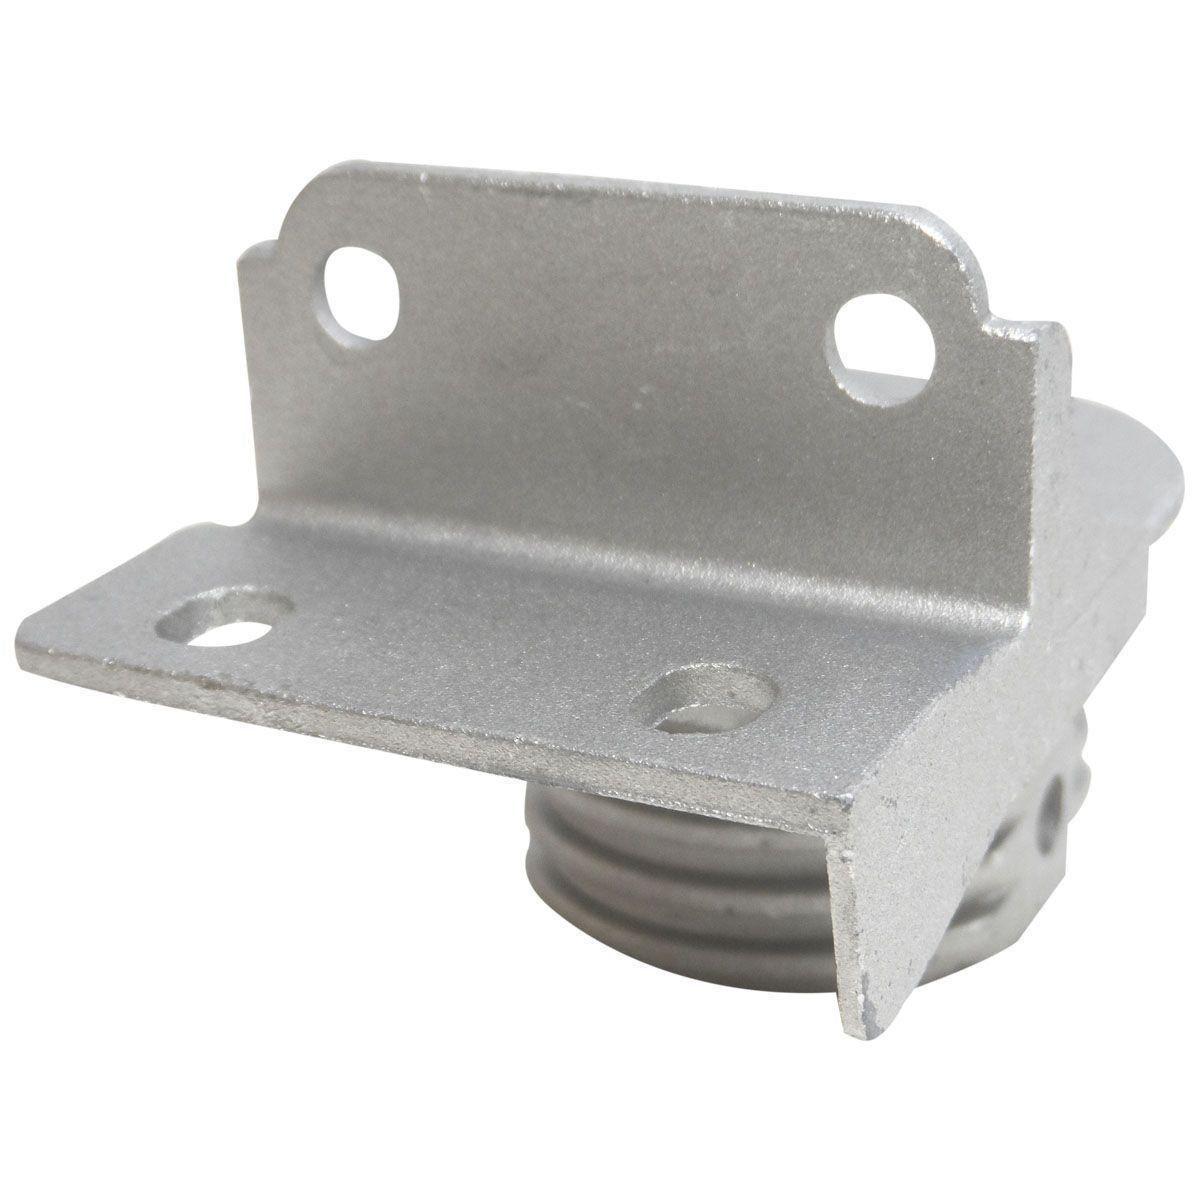 Dobradiça Inferior Esquerda Refrigeradaor Electrolux 72001225